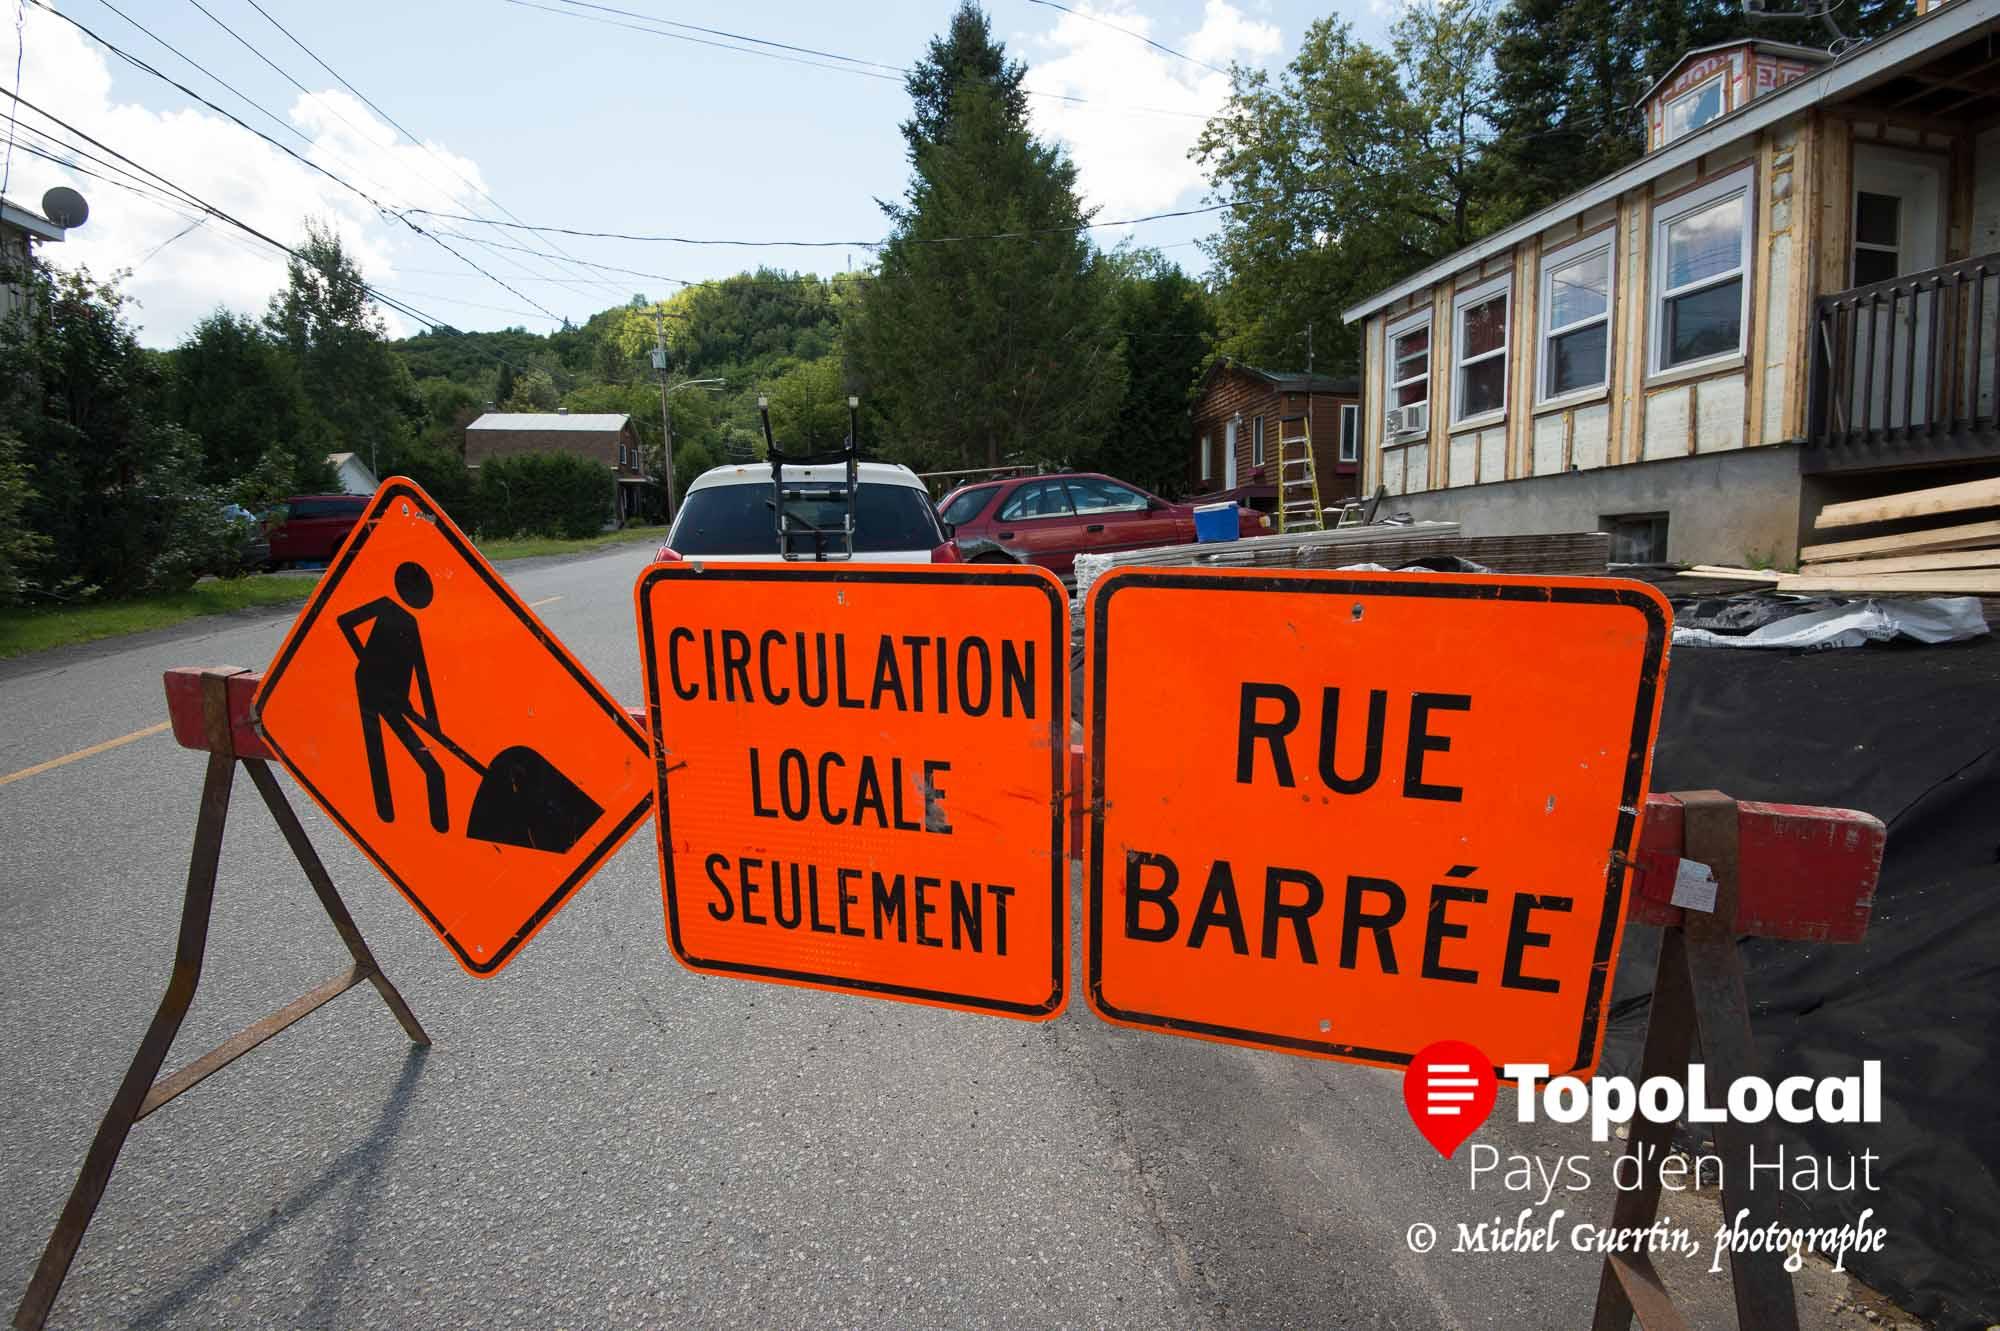 20160815-sainte-adele-travaux-publics-routes-barrees-detours